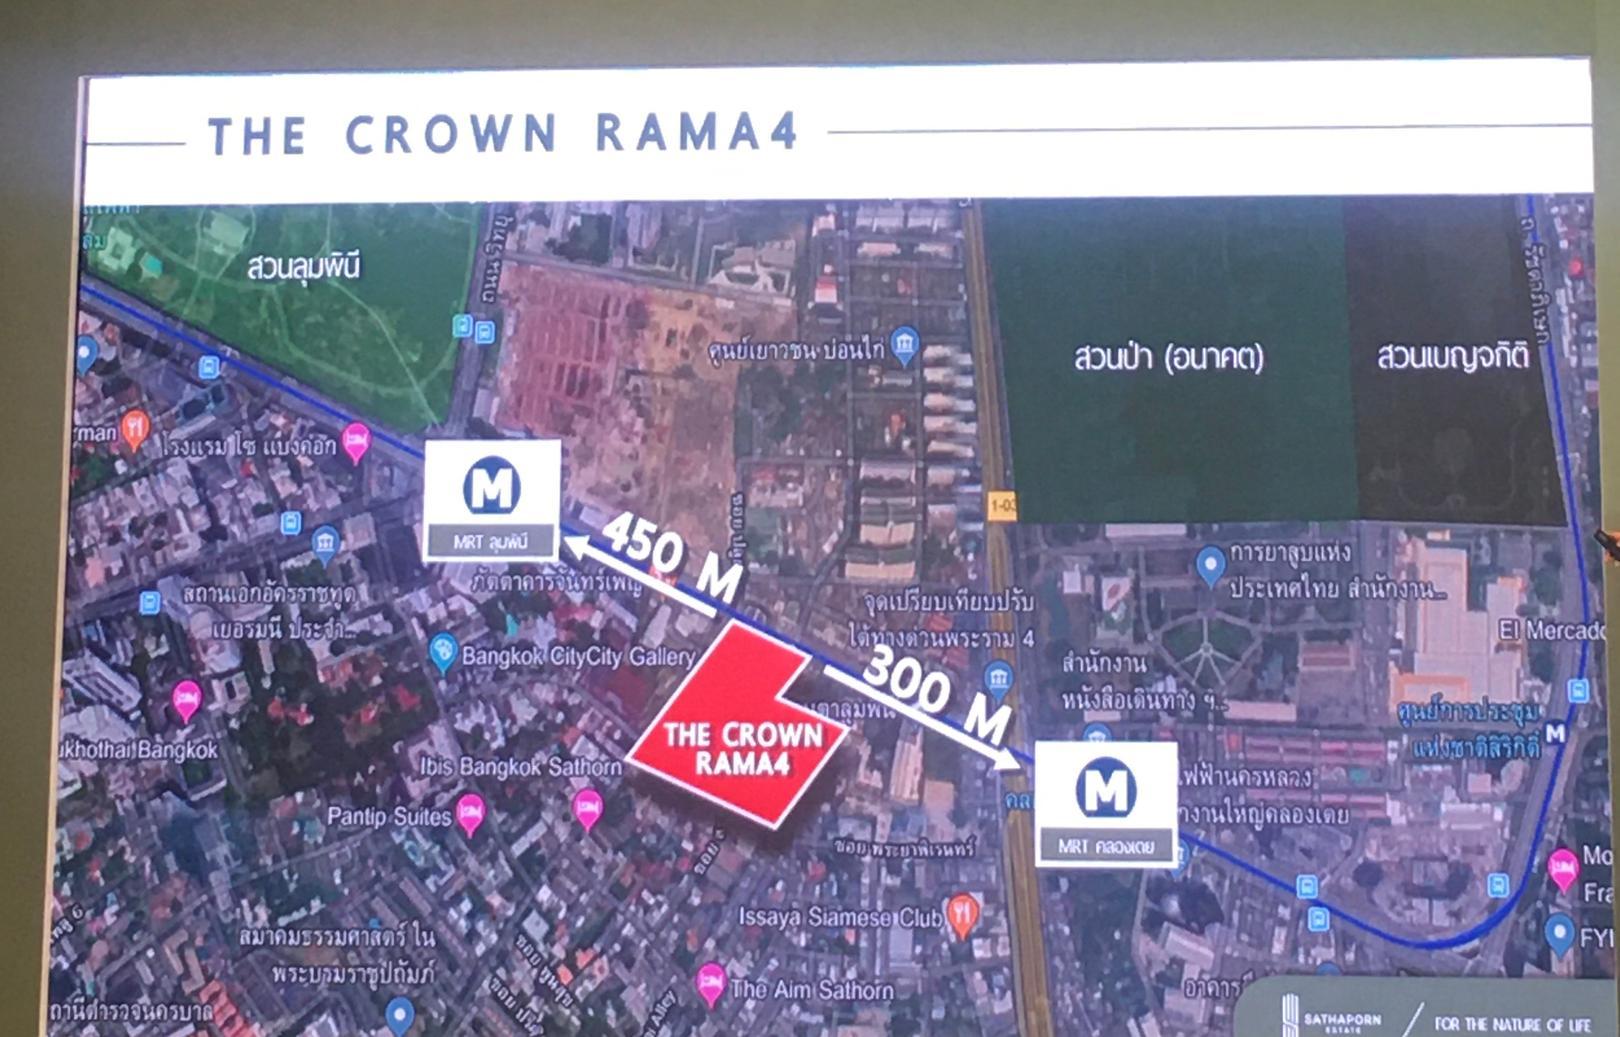 The Crown RAMA 4